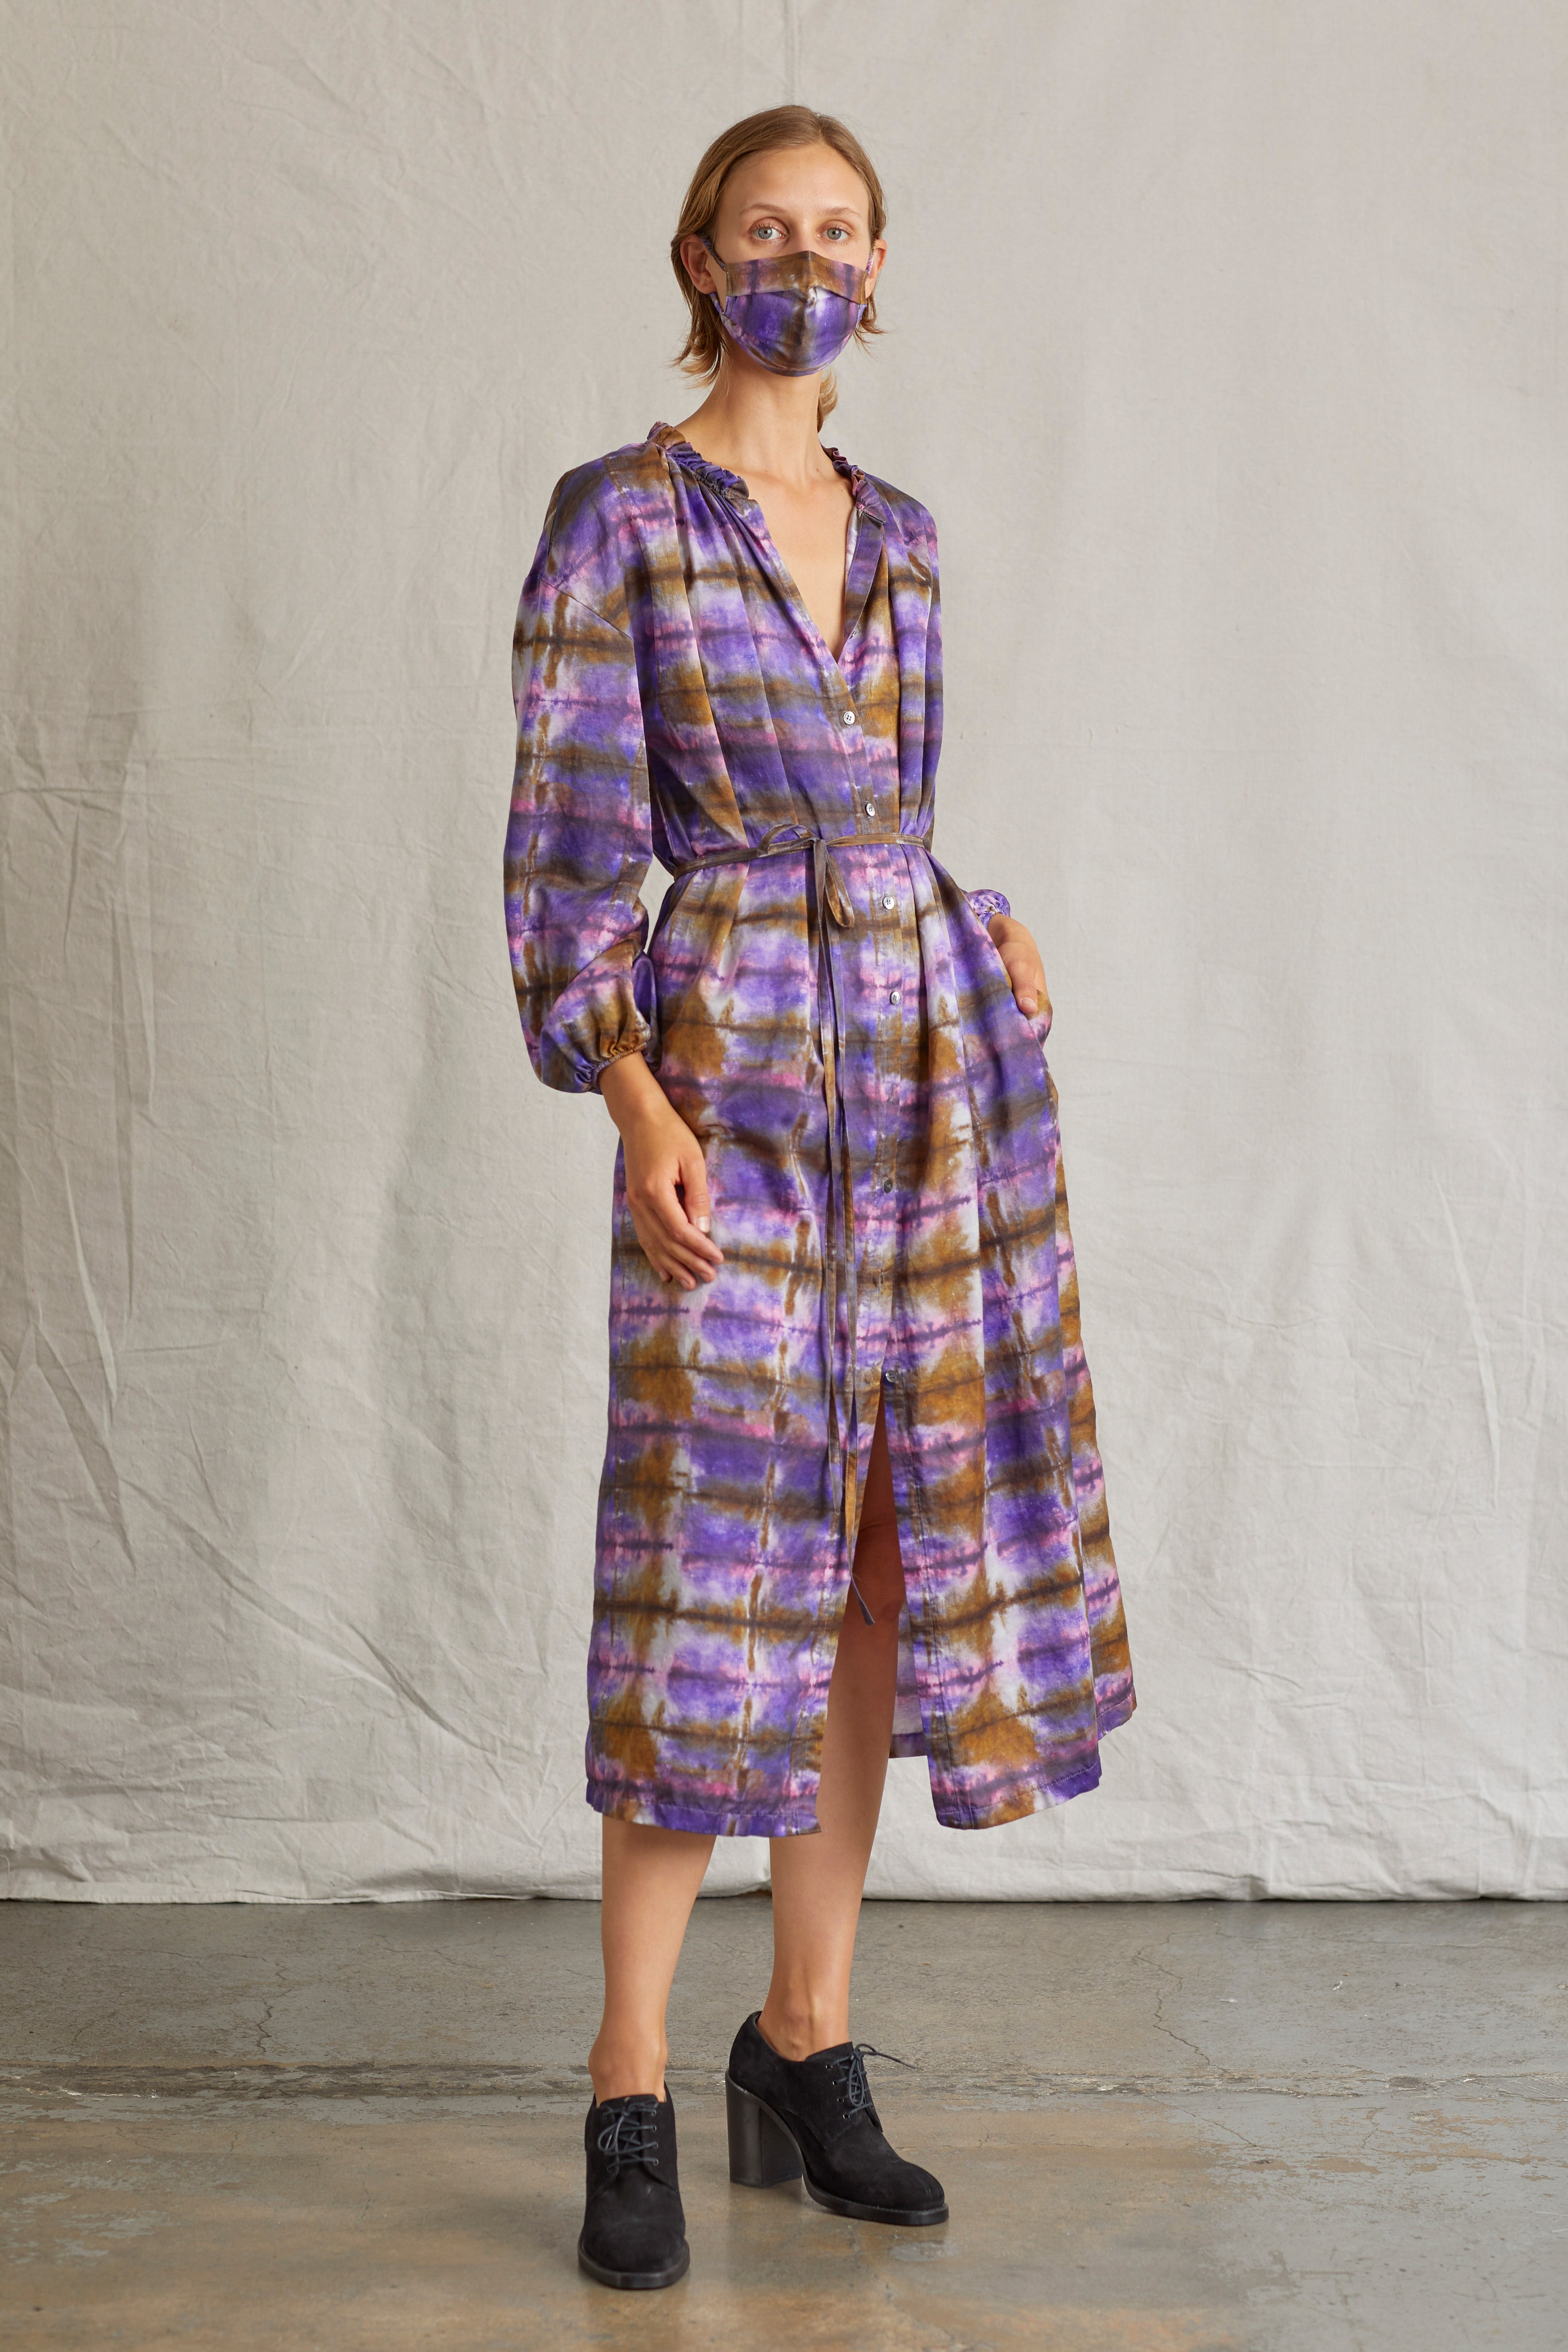 Váy tie dye màu tím lilac - RAQUEL ALLEGRA resort 2021